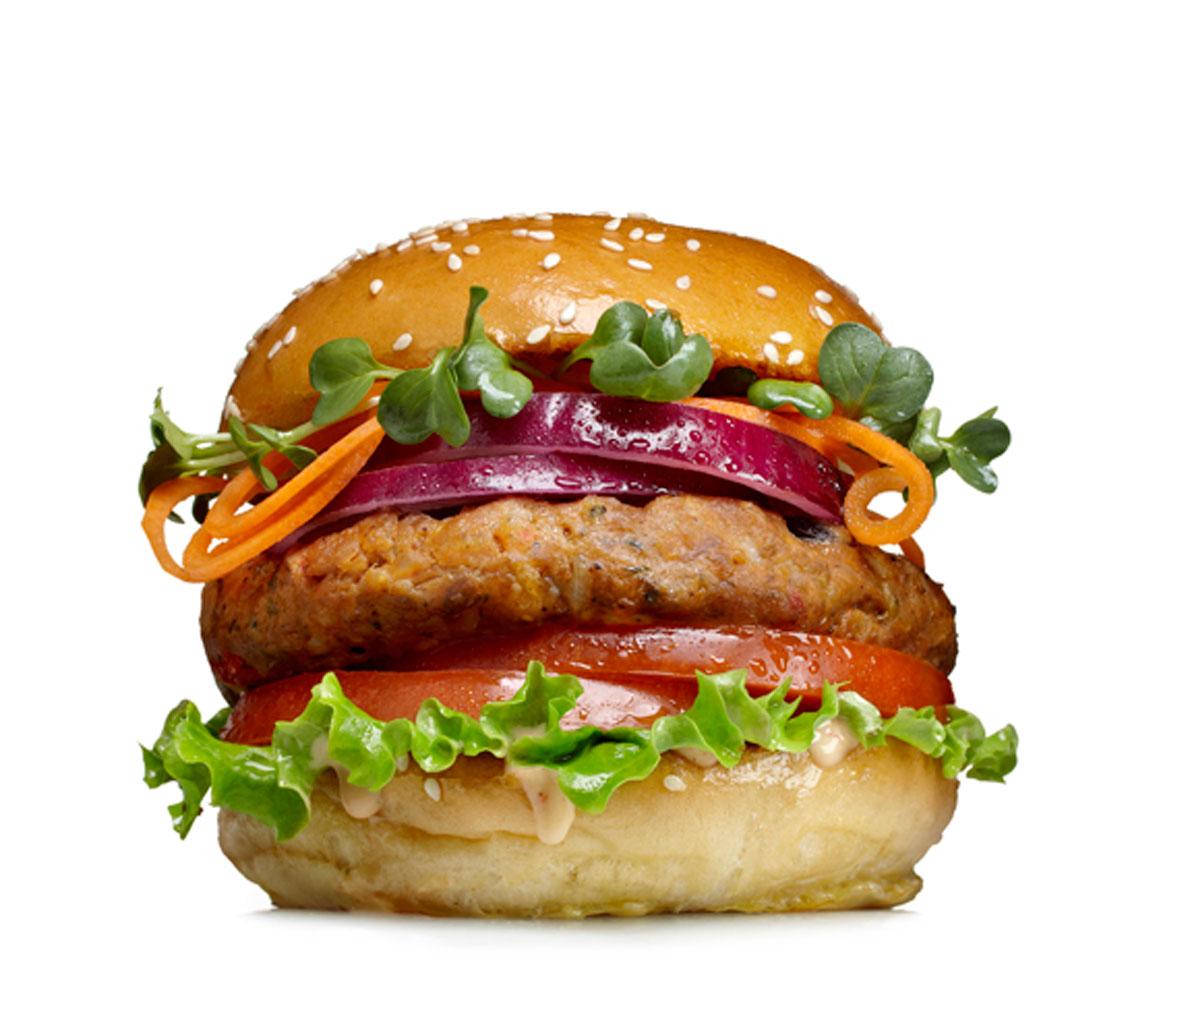 Images of Veggie Burger | 1188x1029